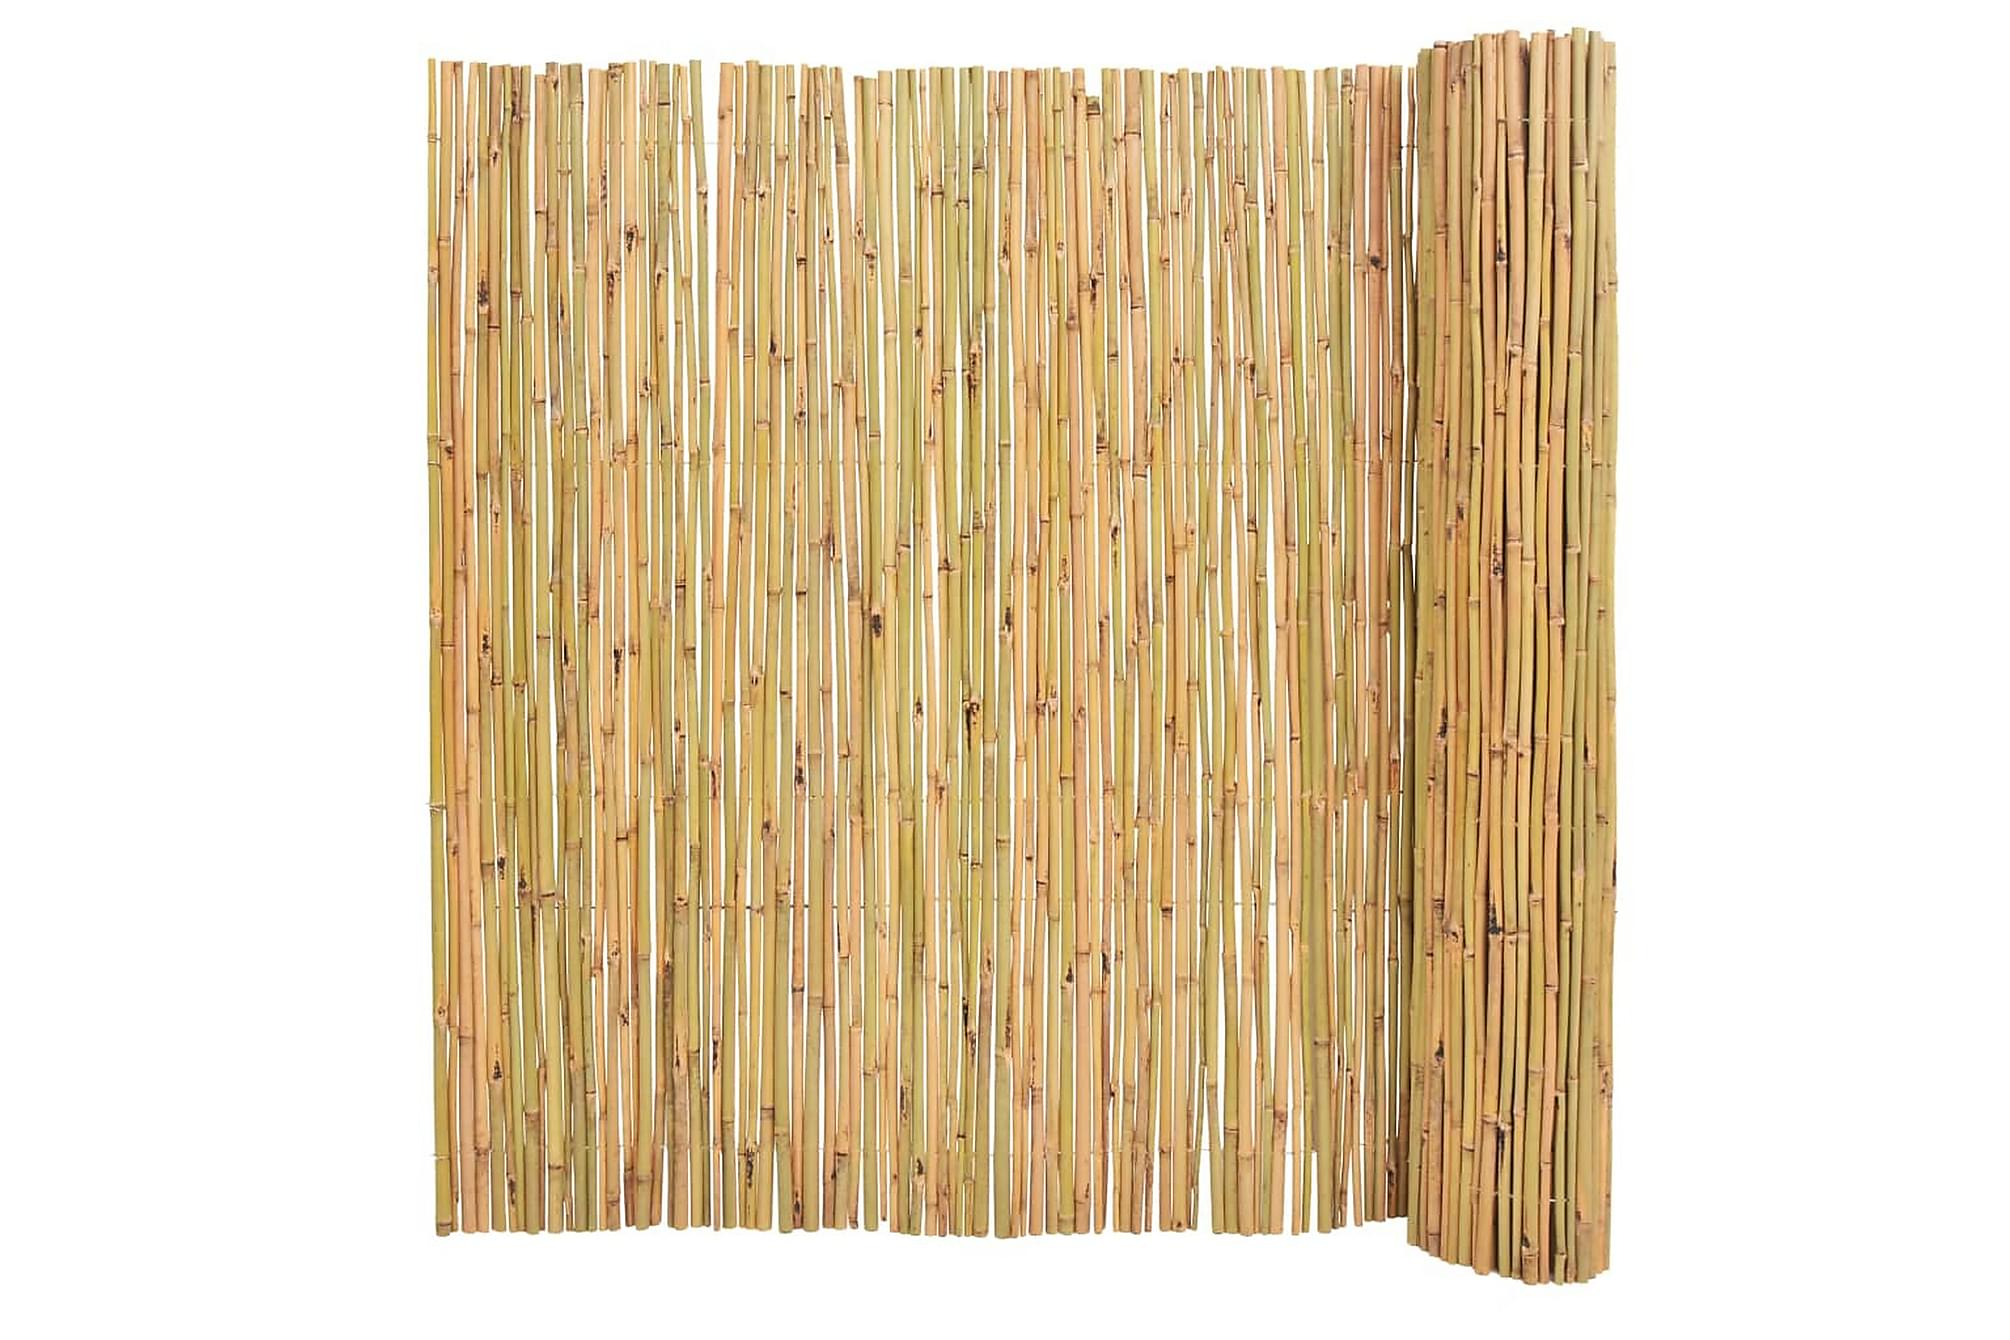 Bambu staket 300x150 cm, Staket & grindar